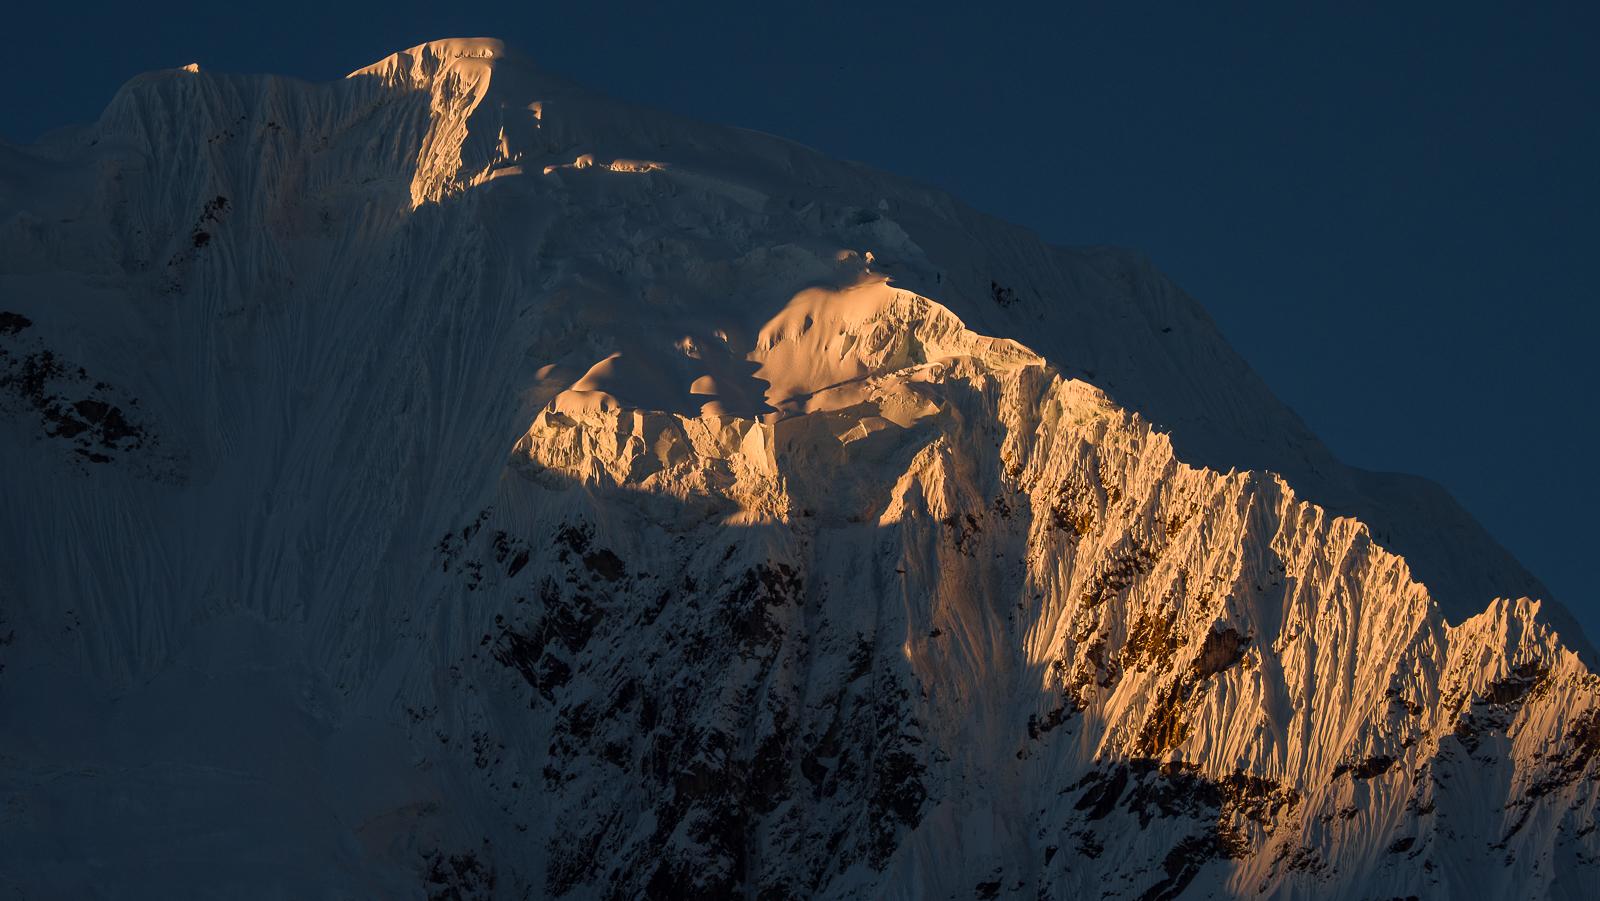 Salcantay 6270 m., Peru